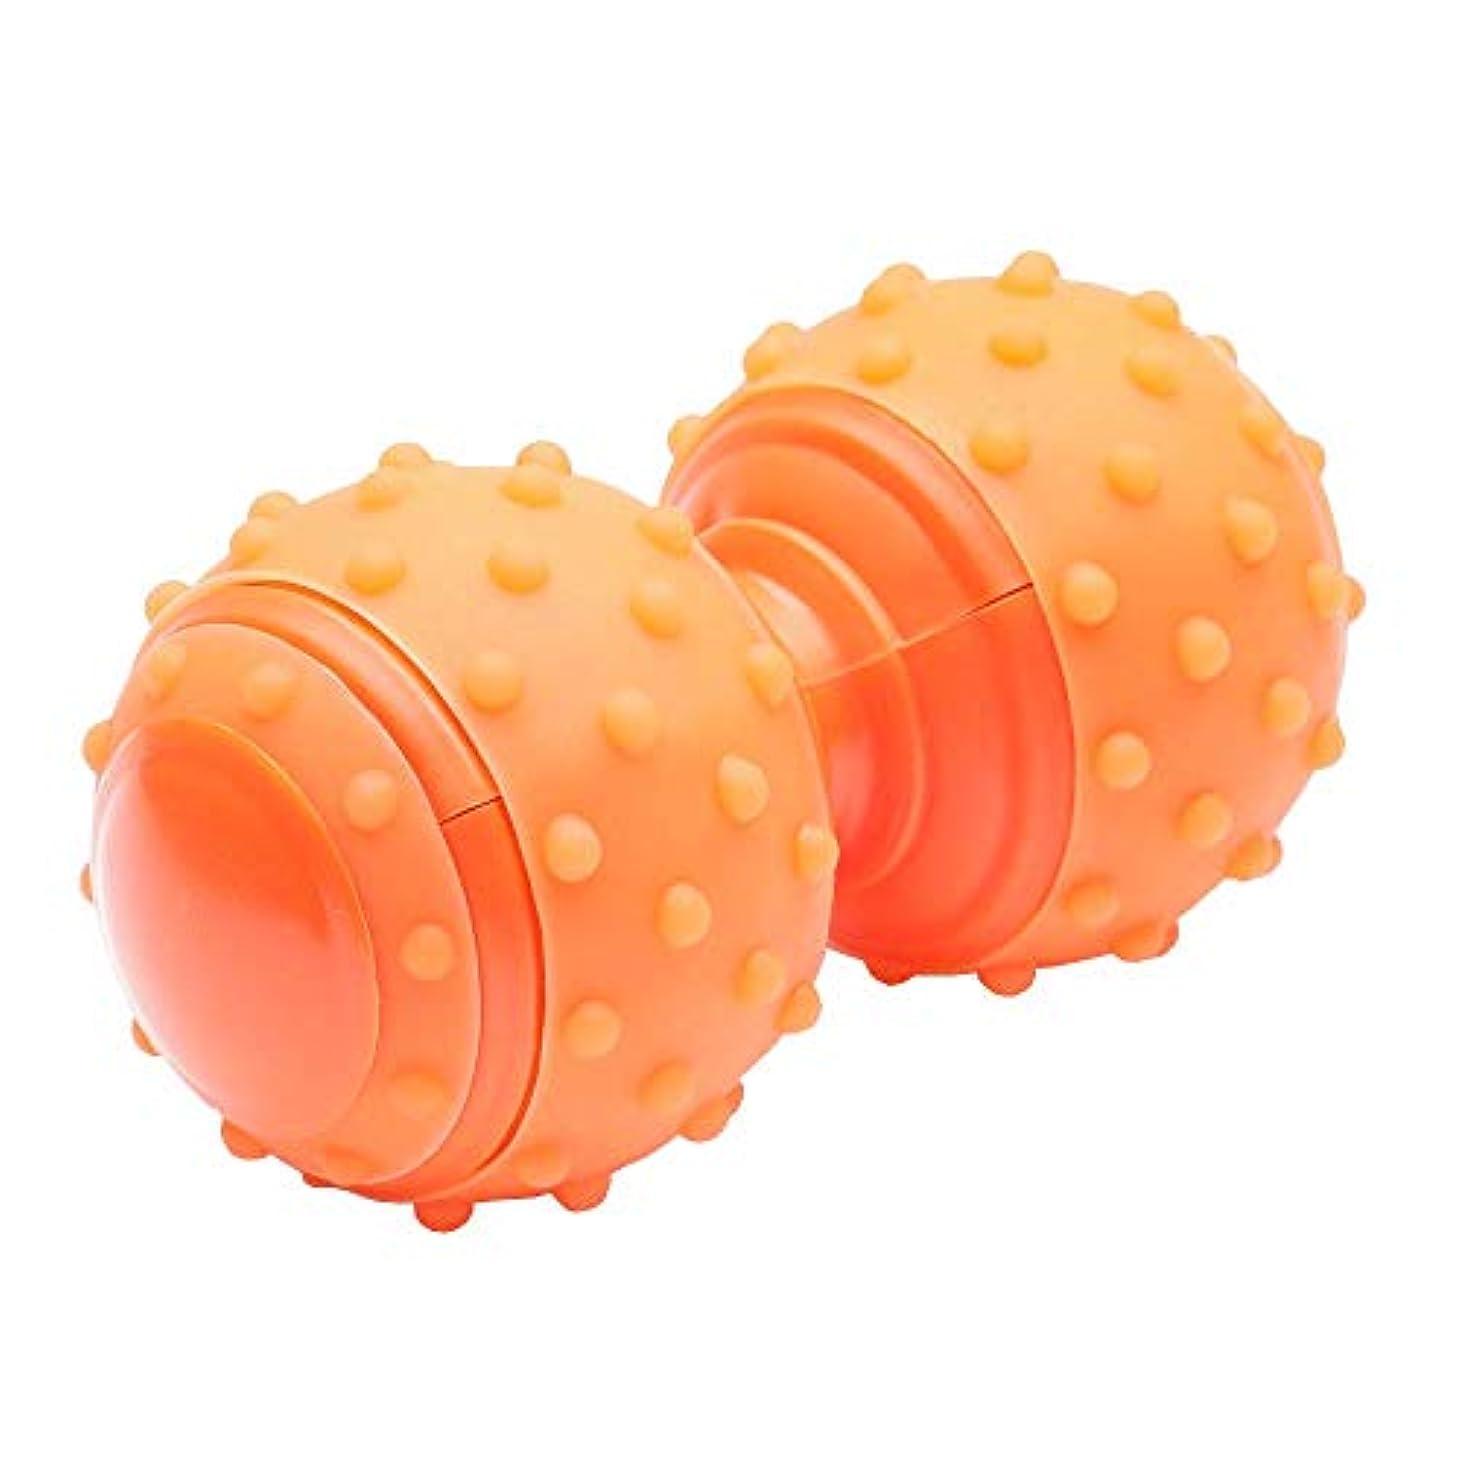 主人接辞配列MitasakaIs マッサージボール トリガーポイント 筋膜リリース 肩 肩甲骨 背中 ストレッチ ボール ツボ押し オレンジ